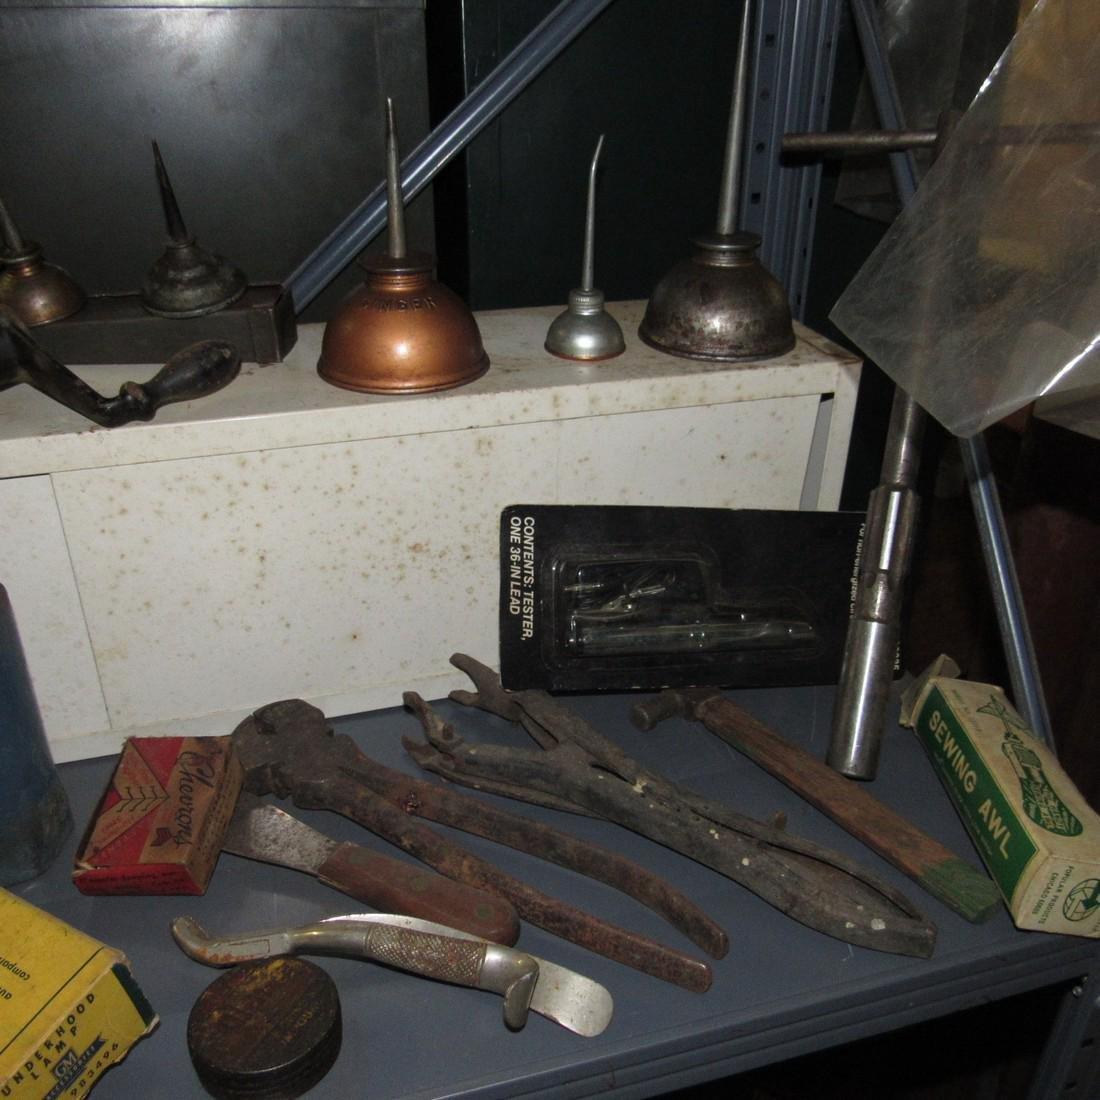 Tools Oil Cans Timing Lights Socket Sets Shelf - 6